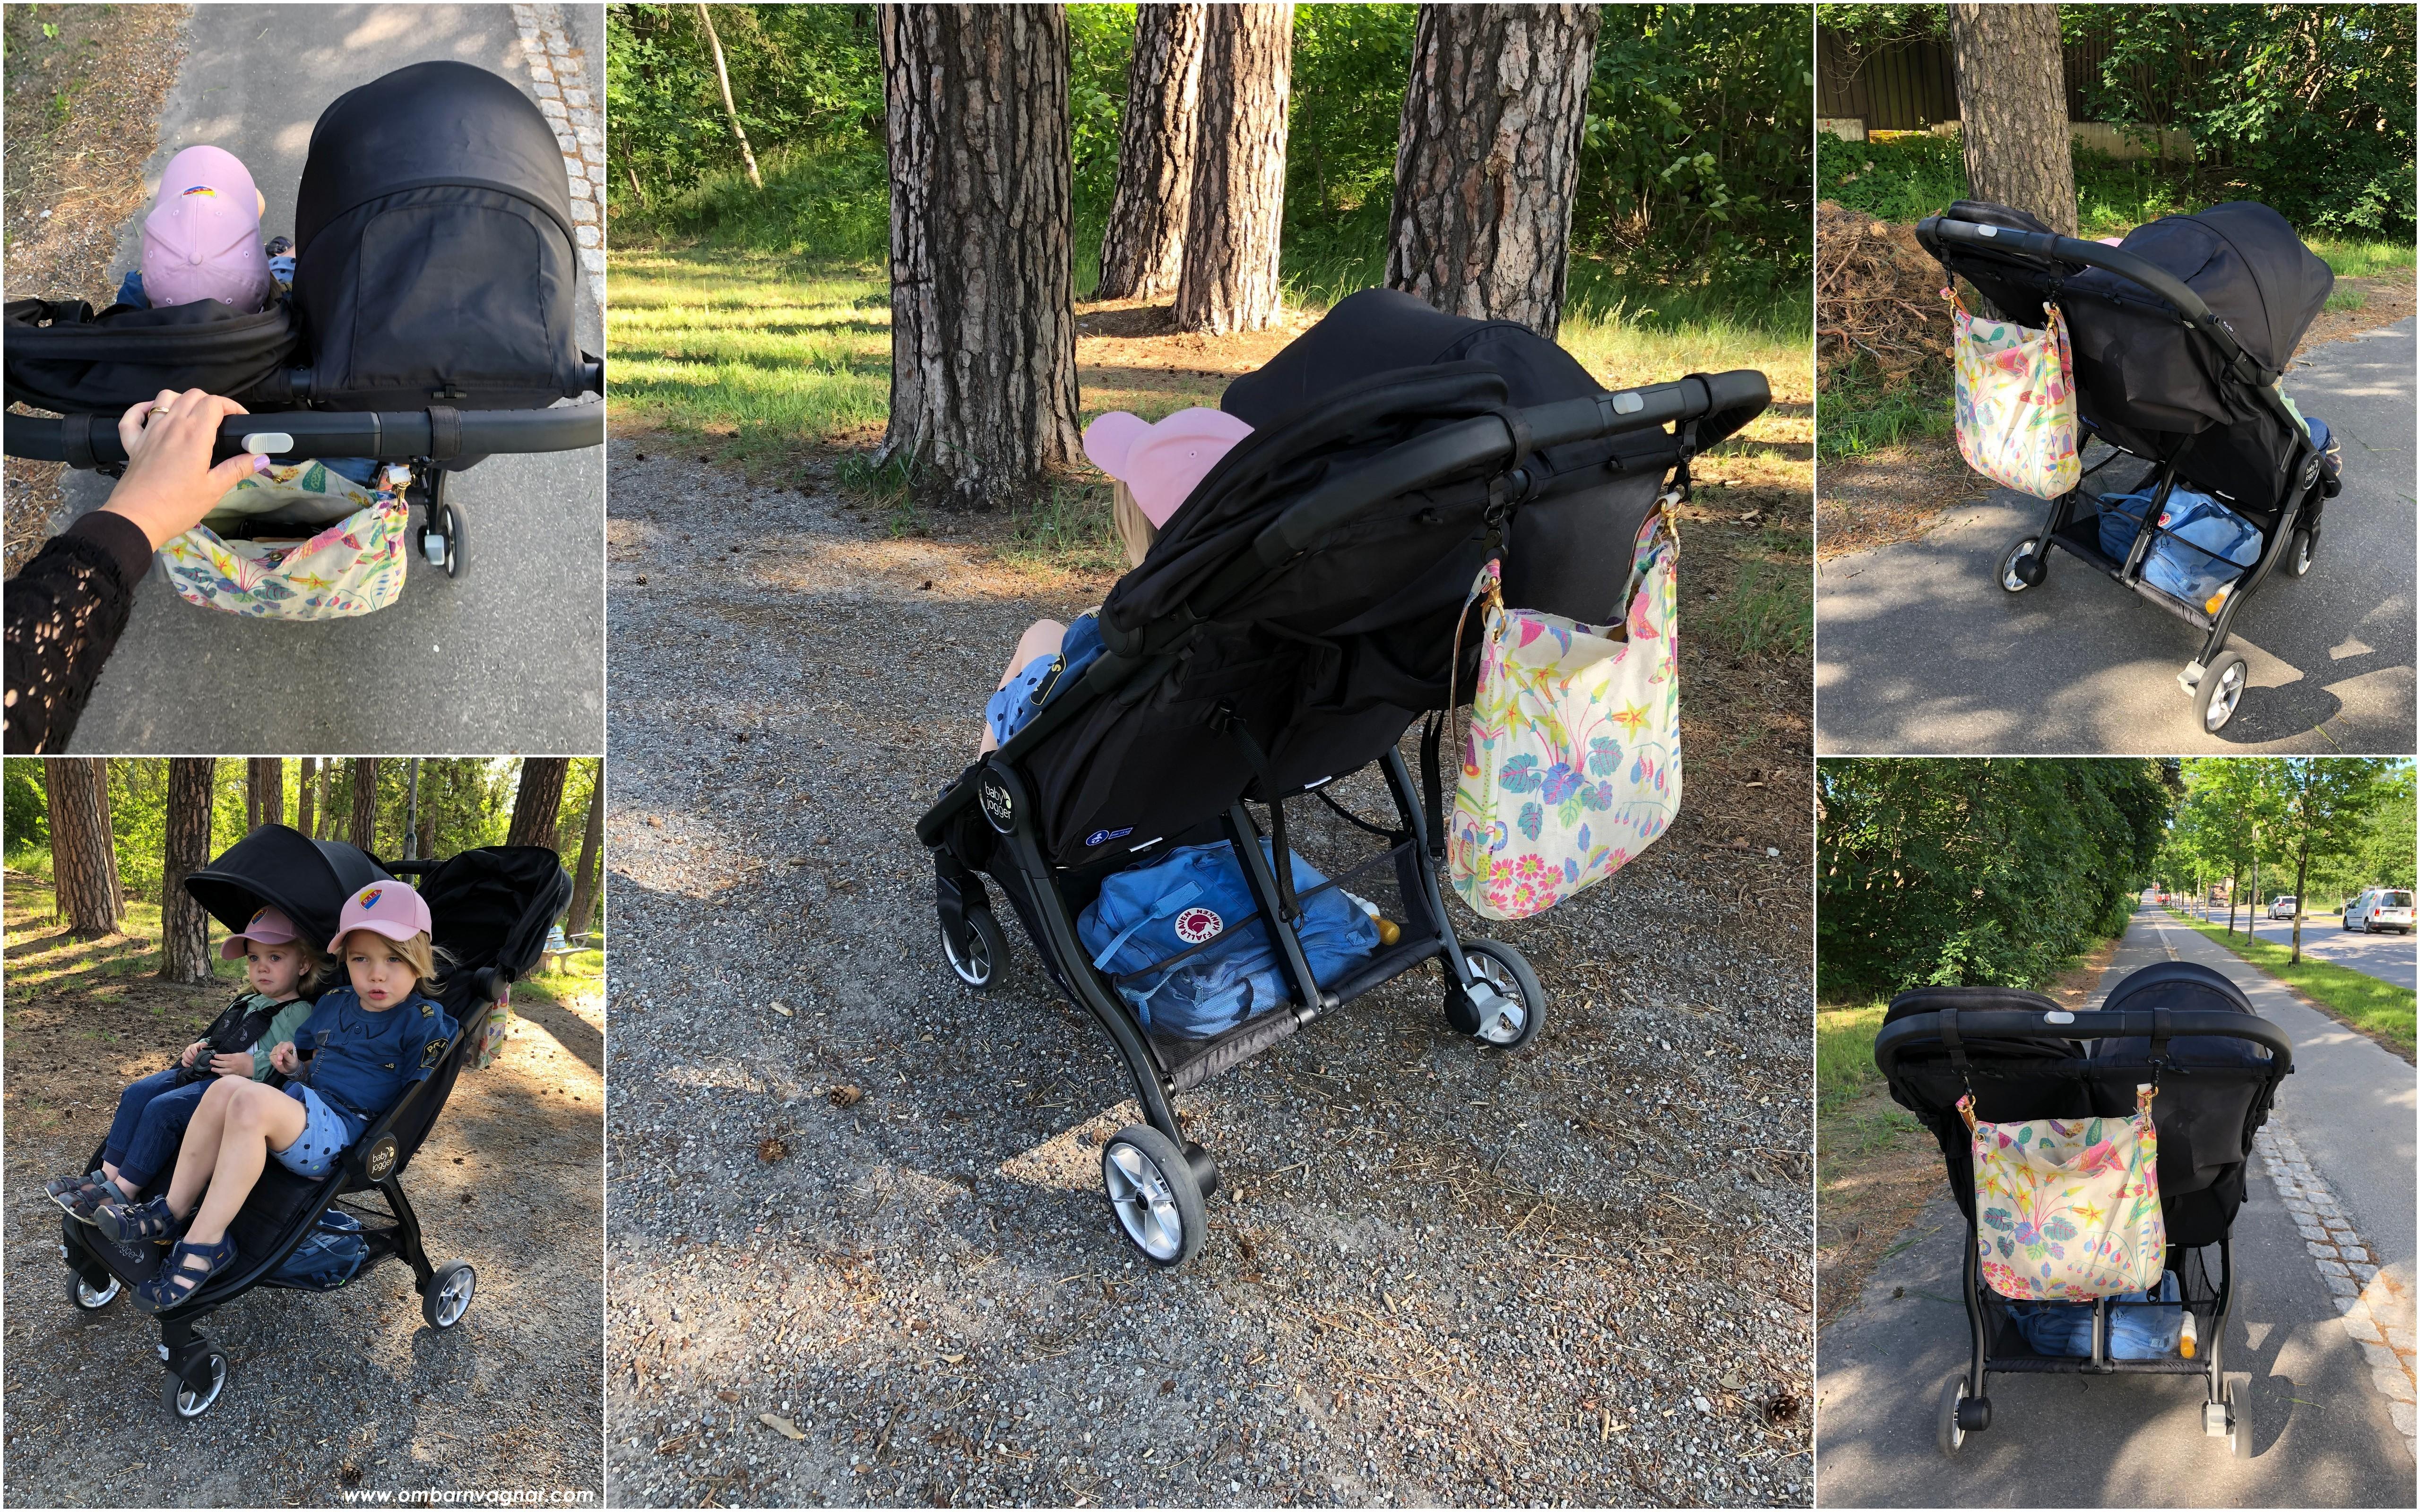 Baby Jogger City Tour 2 Double användning och rull